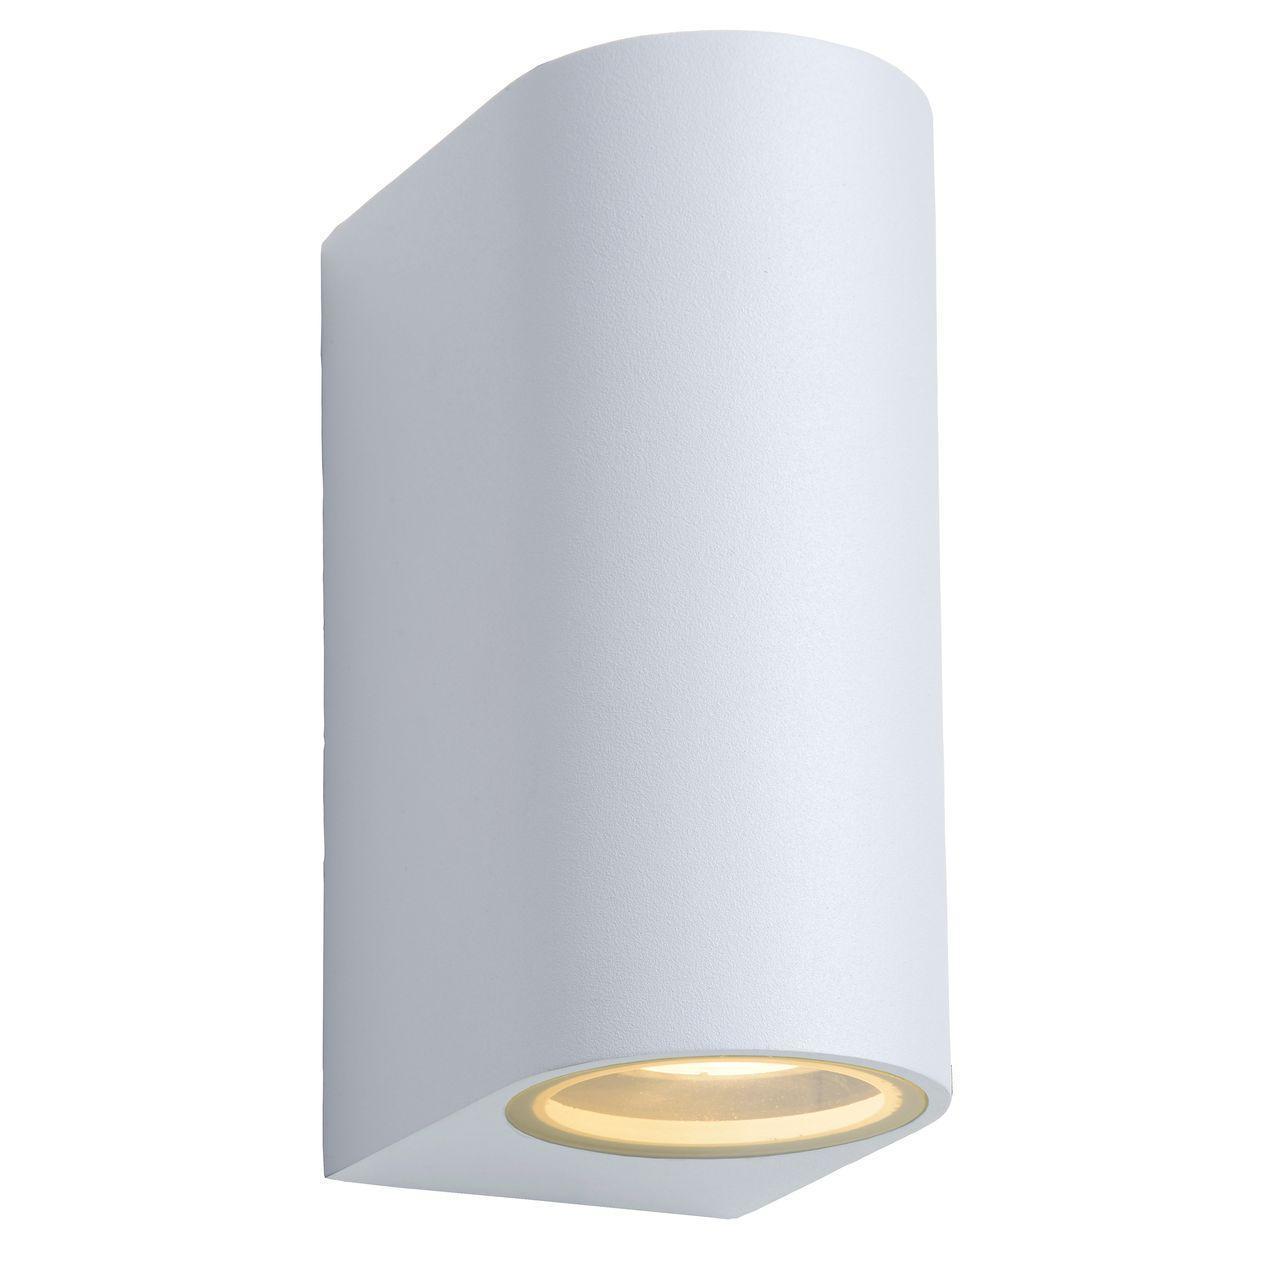 Уличный настенный светильник Lucide Zora Led 22861/10/31